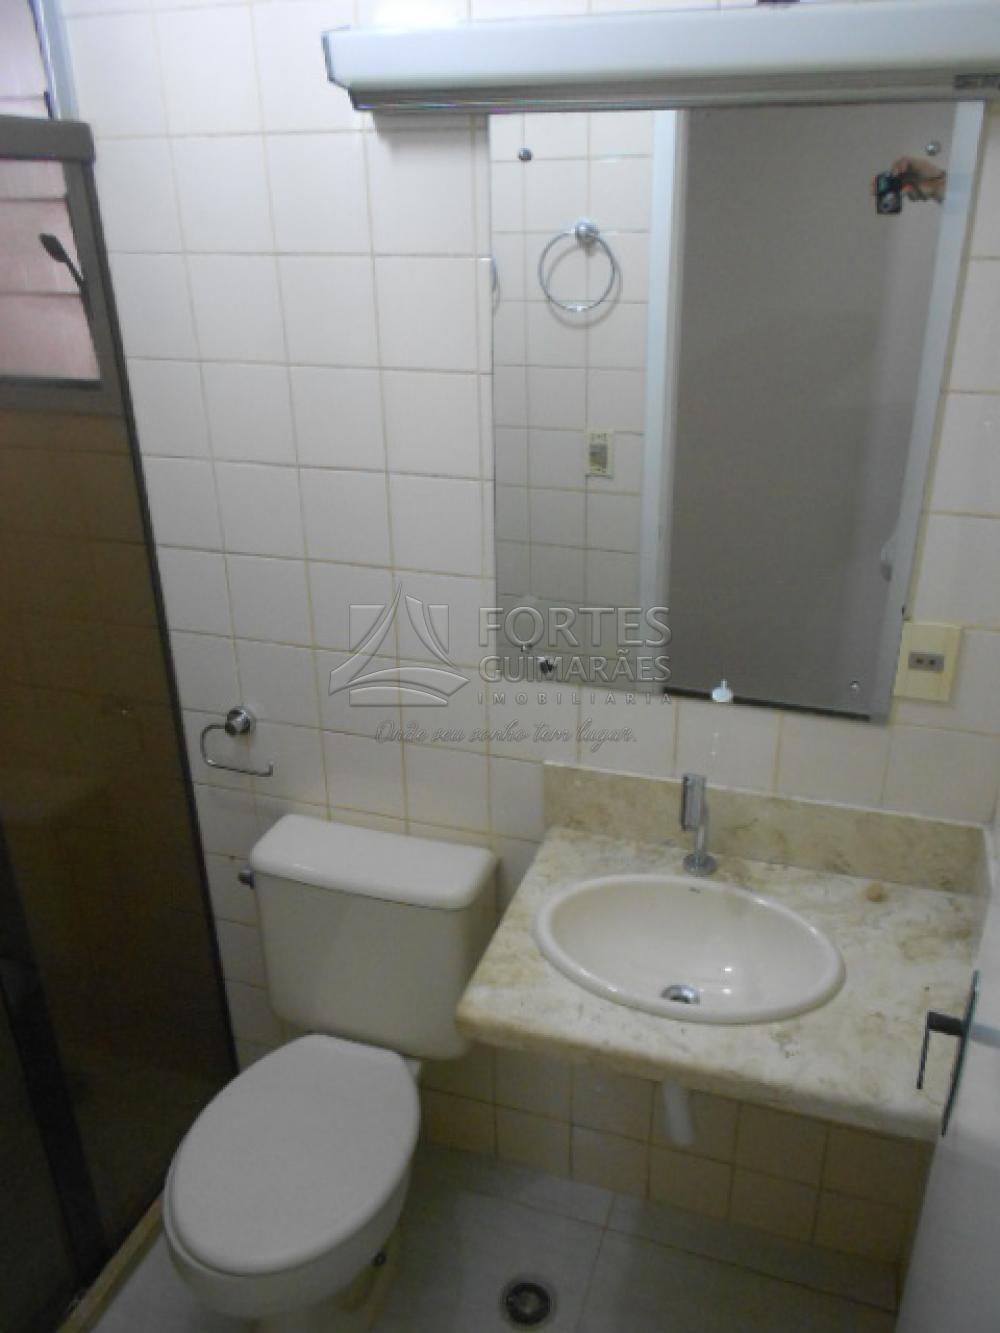 Alugar Apartamentos / Padrão em Ribeirão Preto apenas R$ 1.200,00 - Foto 26